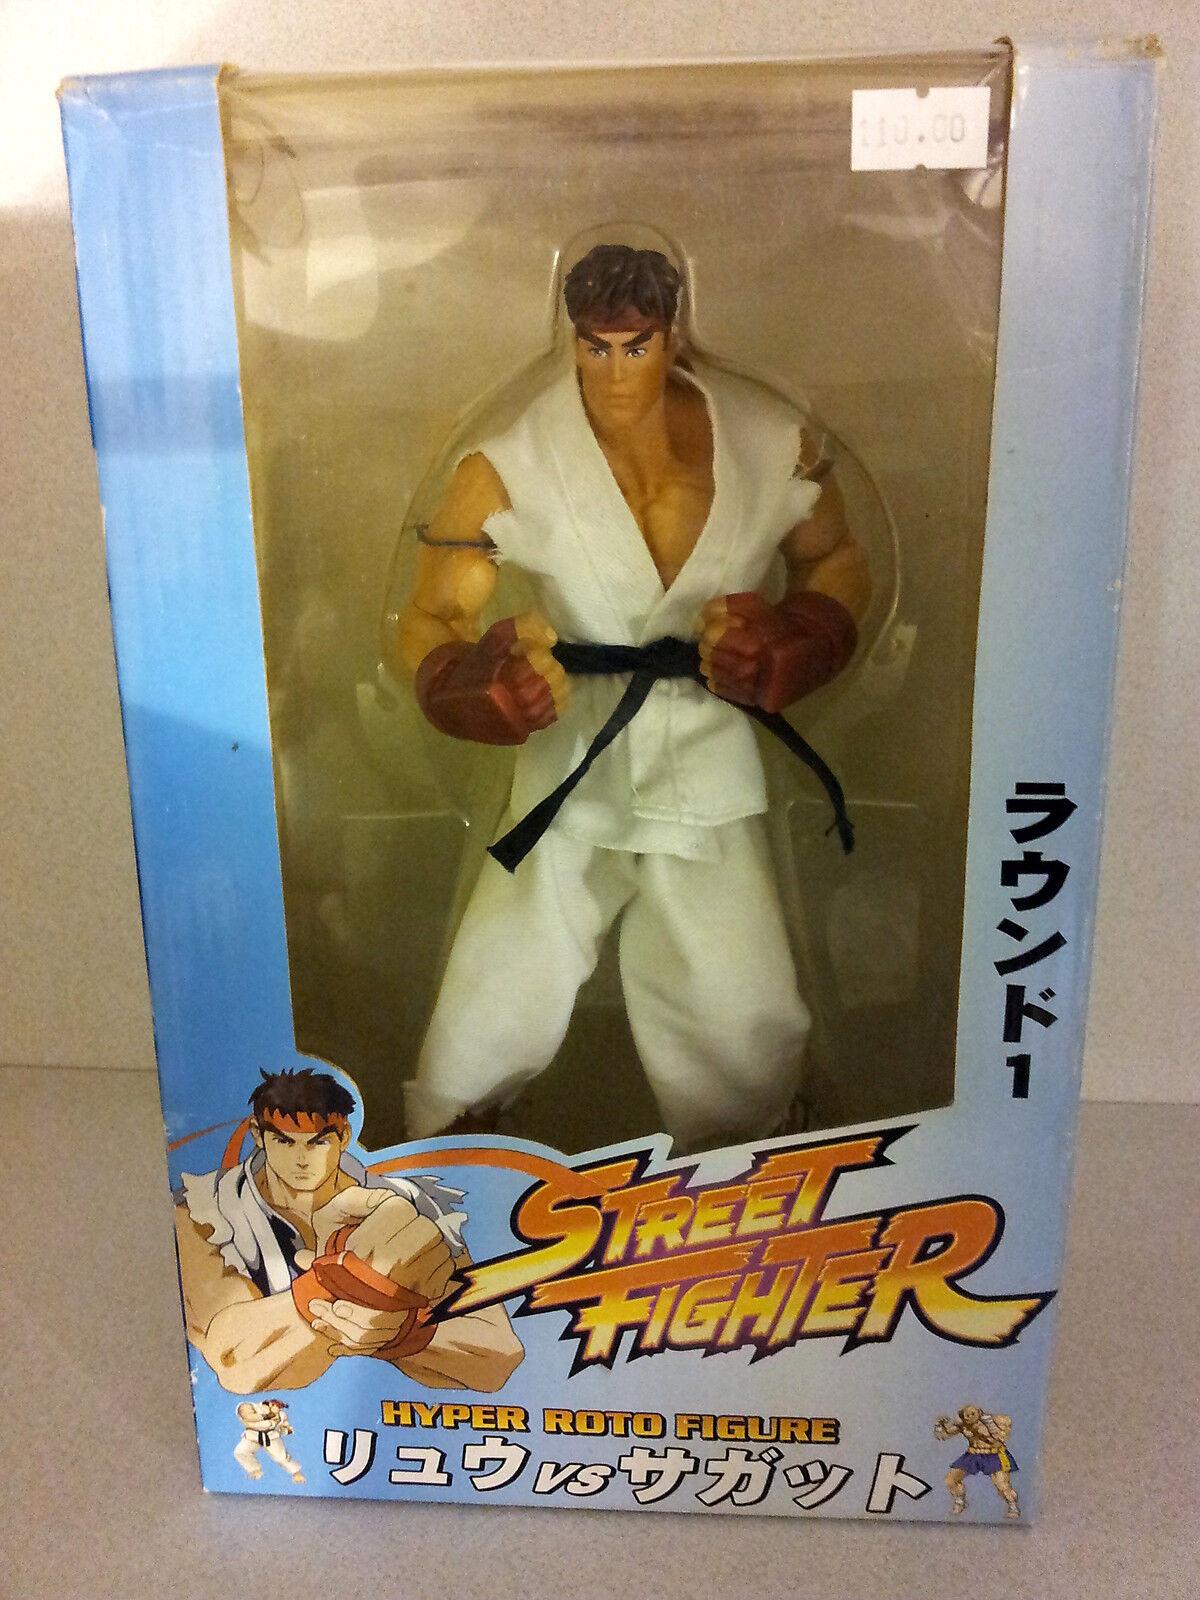 bienvenido a orden Street Fighter Hyper Figura Ryu SOTA SOTA SOTA TOYS Capcom Acción Figura STATUE LIMITED  precios bajos todos los dias